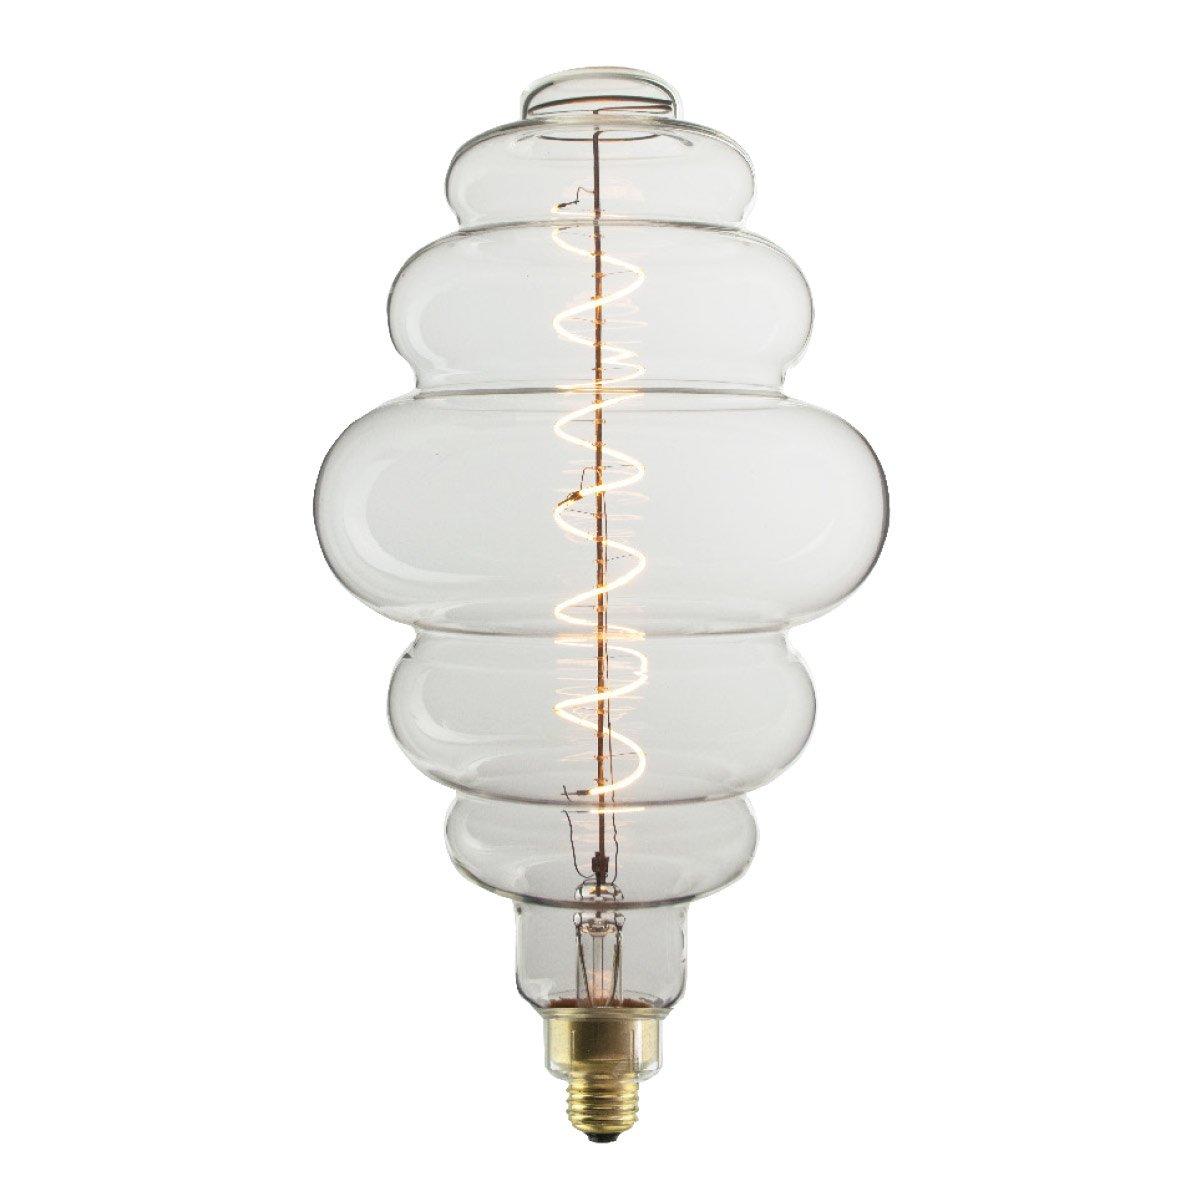 (パックof 6 )バルブライト776304 4 W LED Beehive Shaped Grand 2200 K e26フィラメント電球 B0742NKLWZ